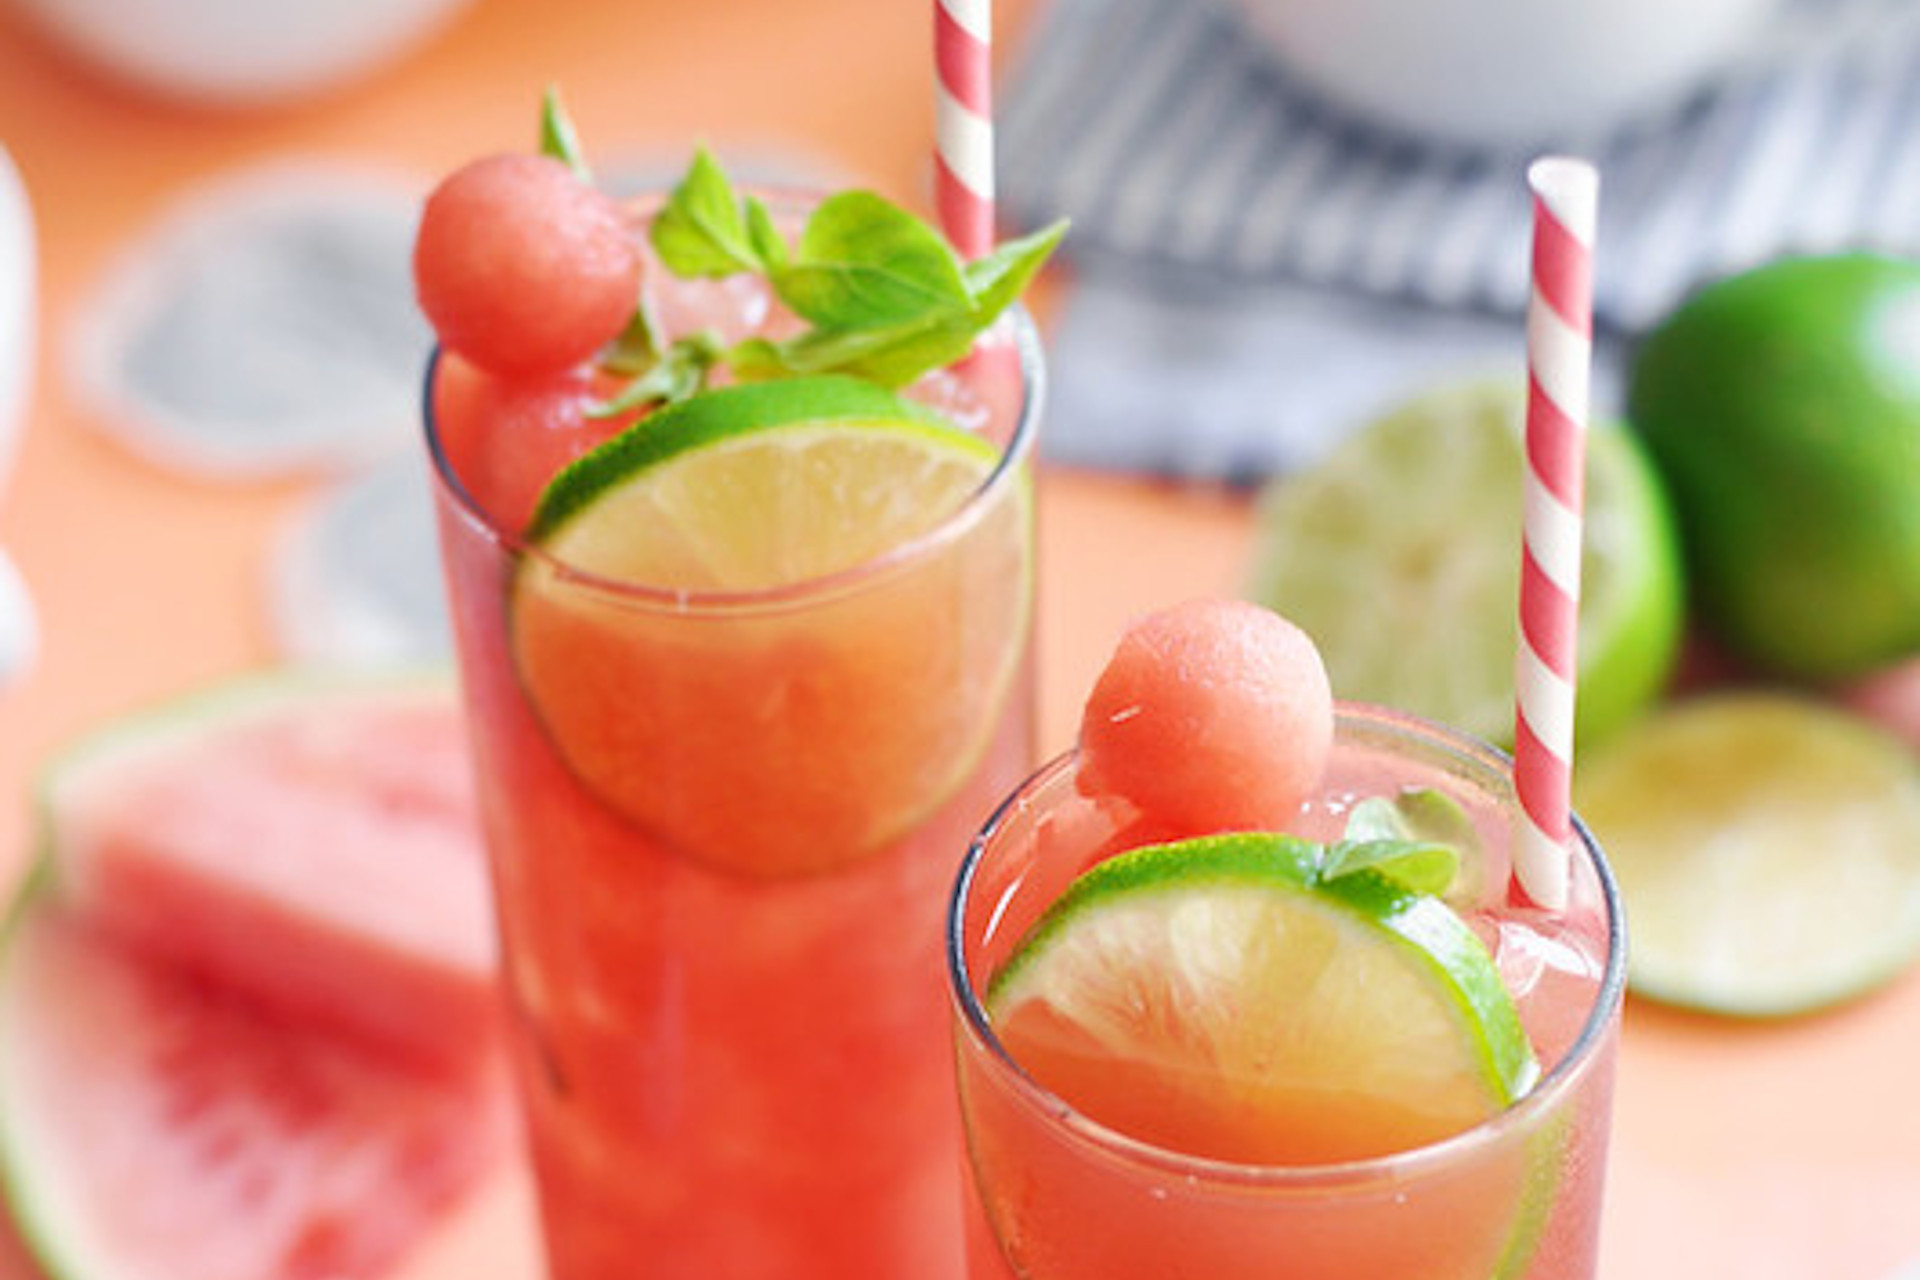 Watermelon basil iced tea